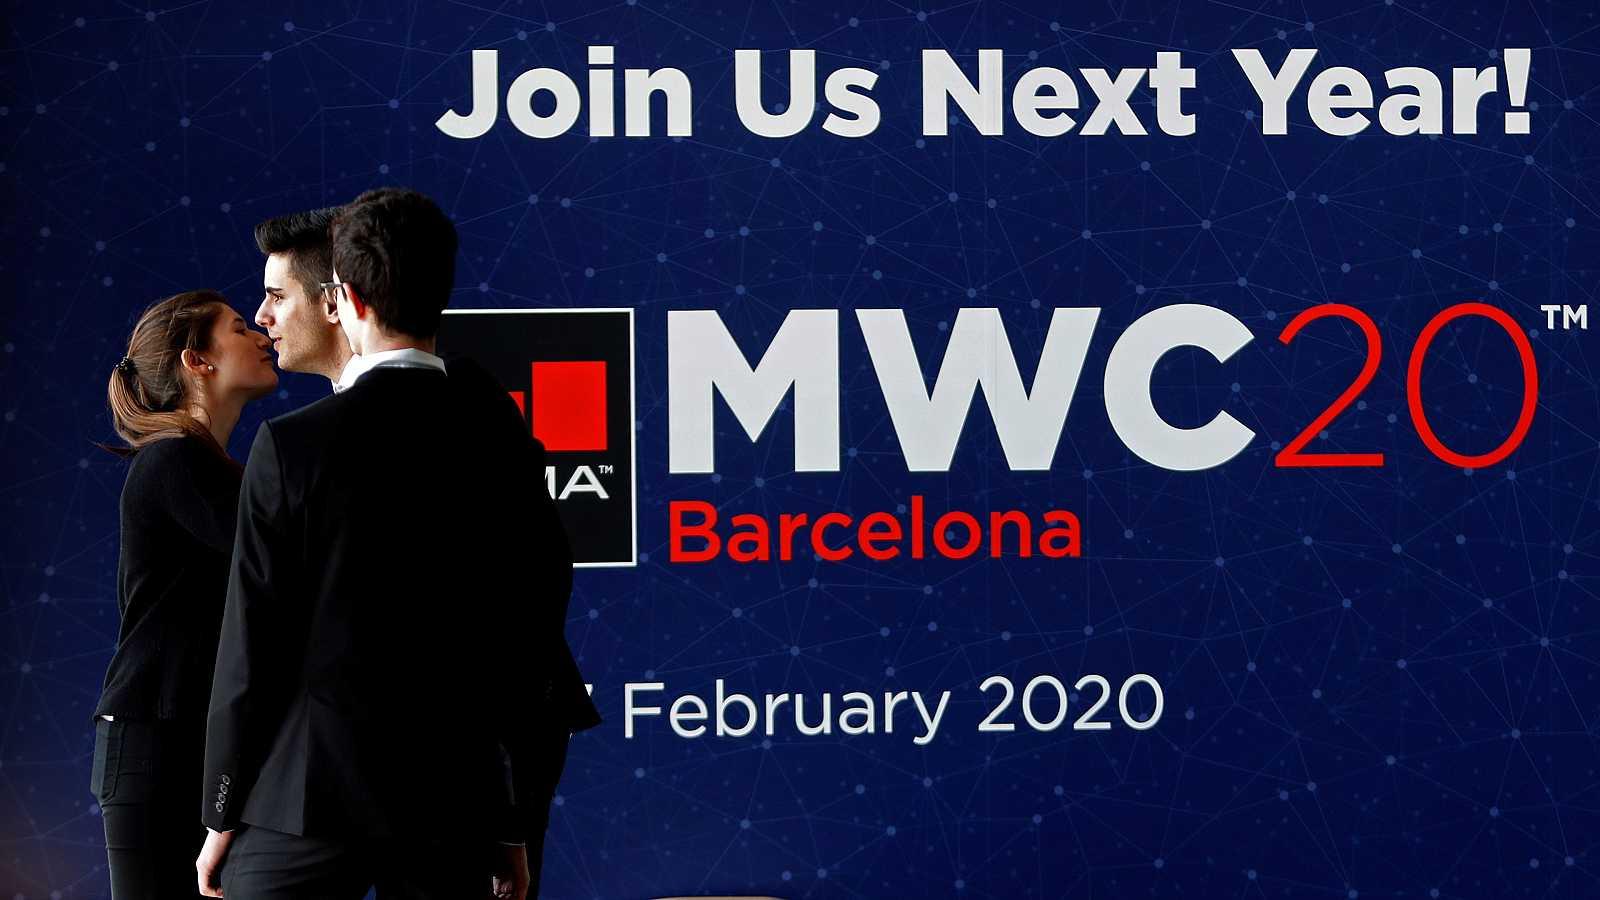 El Mobile World Congress (MWC) cerró la edición de 2019 con la cifra récord de 109.000 asistentes en su decimocuarta edición en Barcelona.